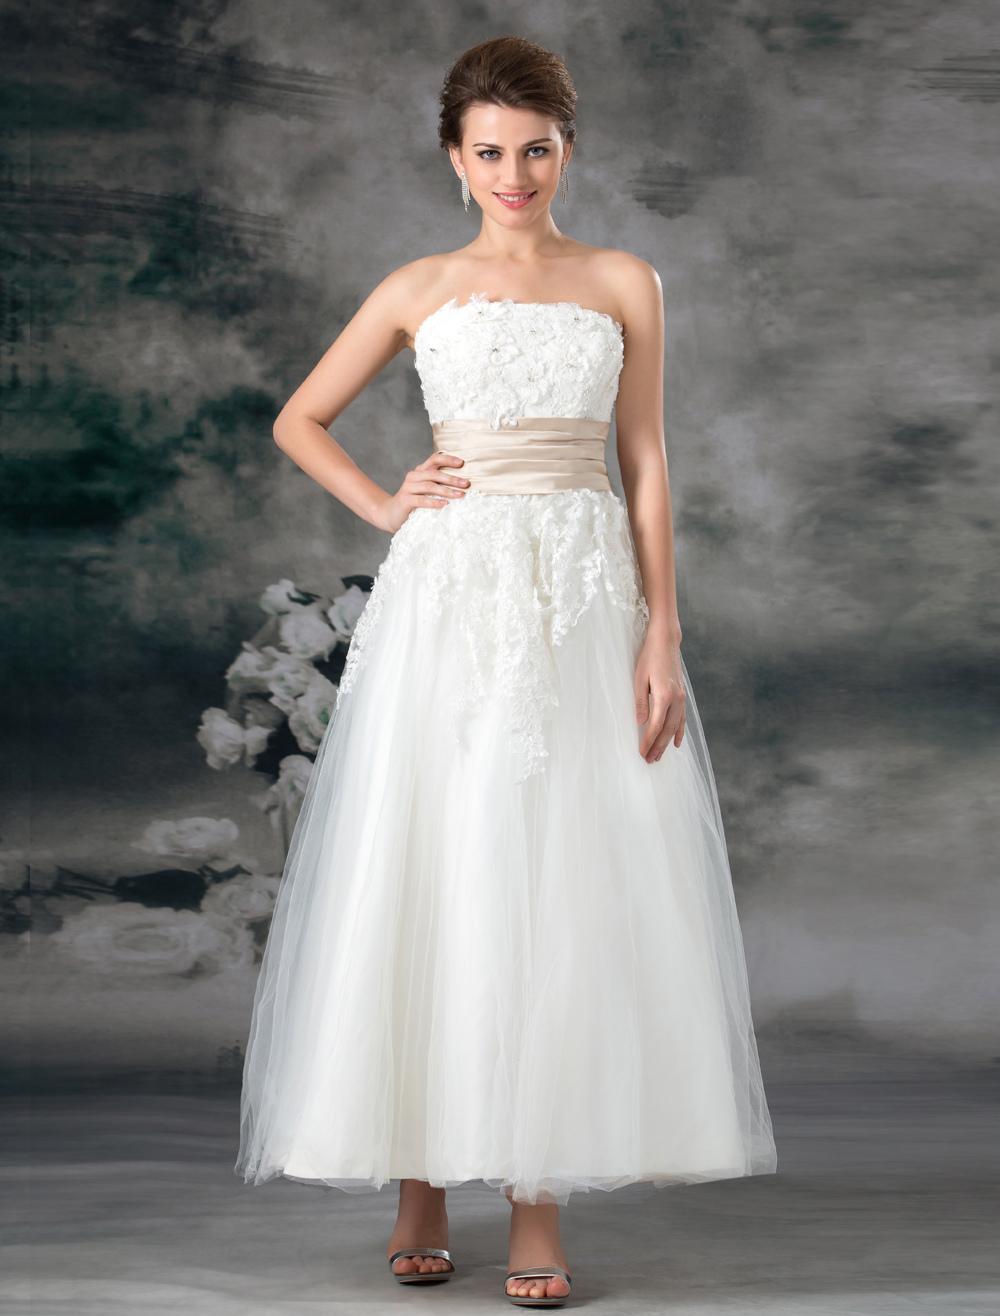 38ecdc74dea8 ... Abito da sposa bianco tulle senza spalline a-linea alla caviglia -No.8.  12. -50%. colore Bianco